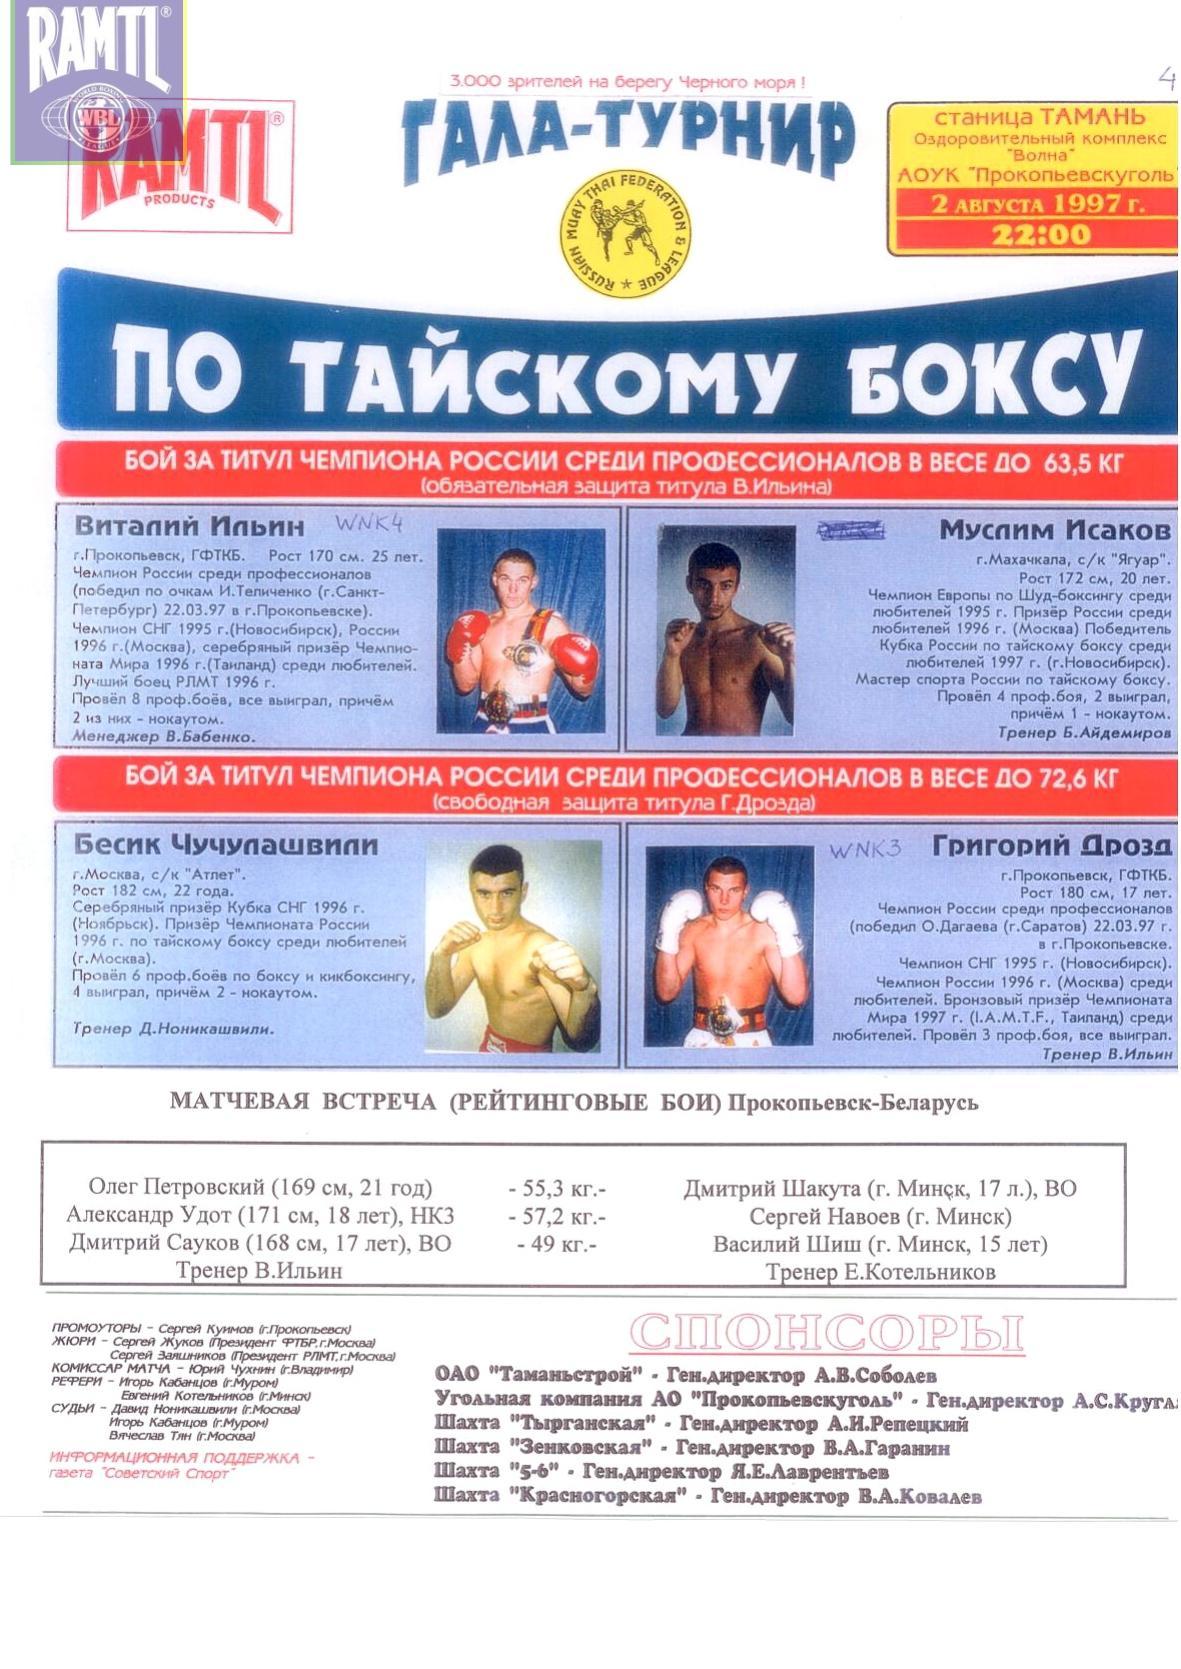 1997-08-02_Tamanq